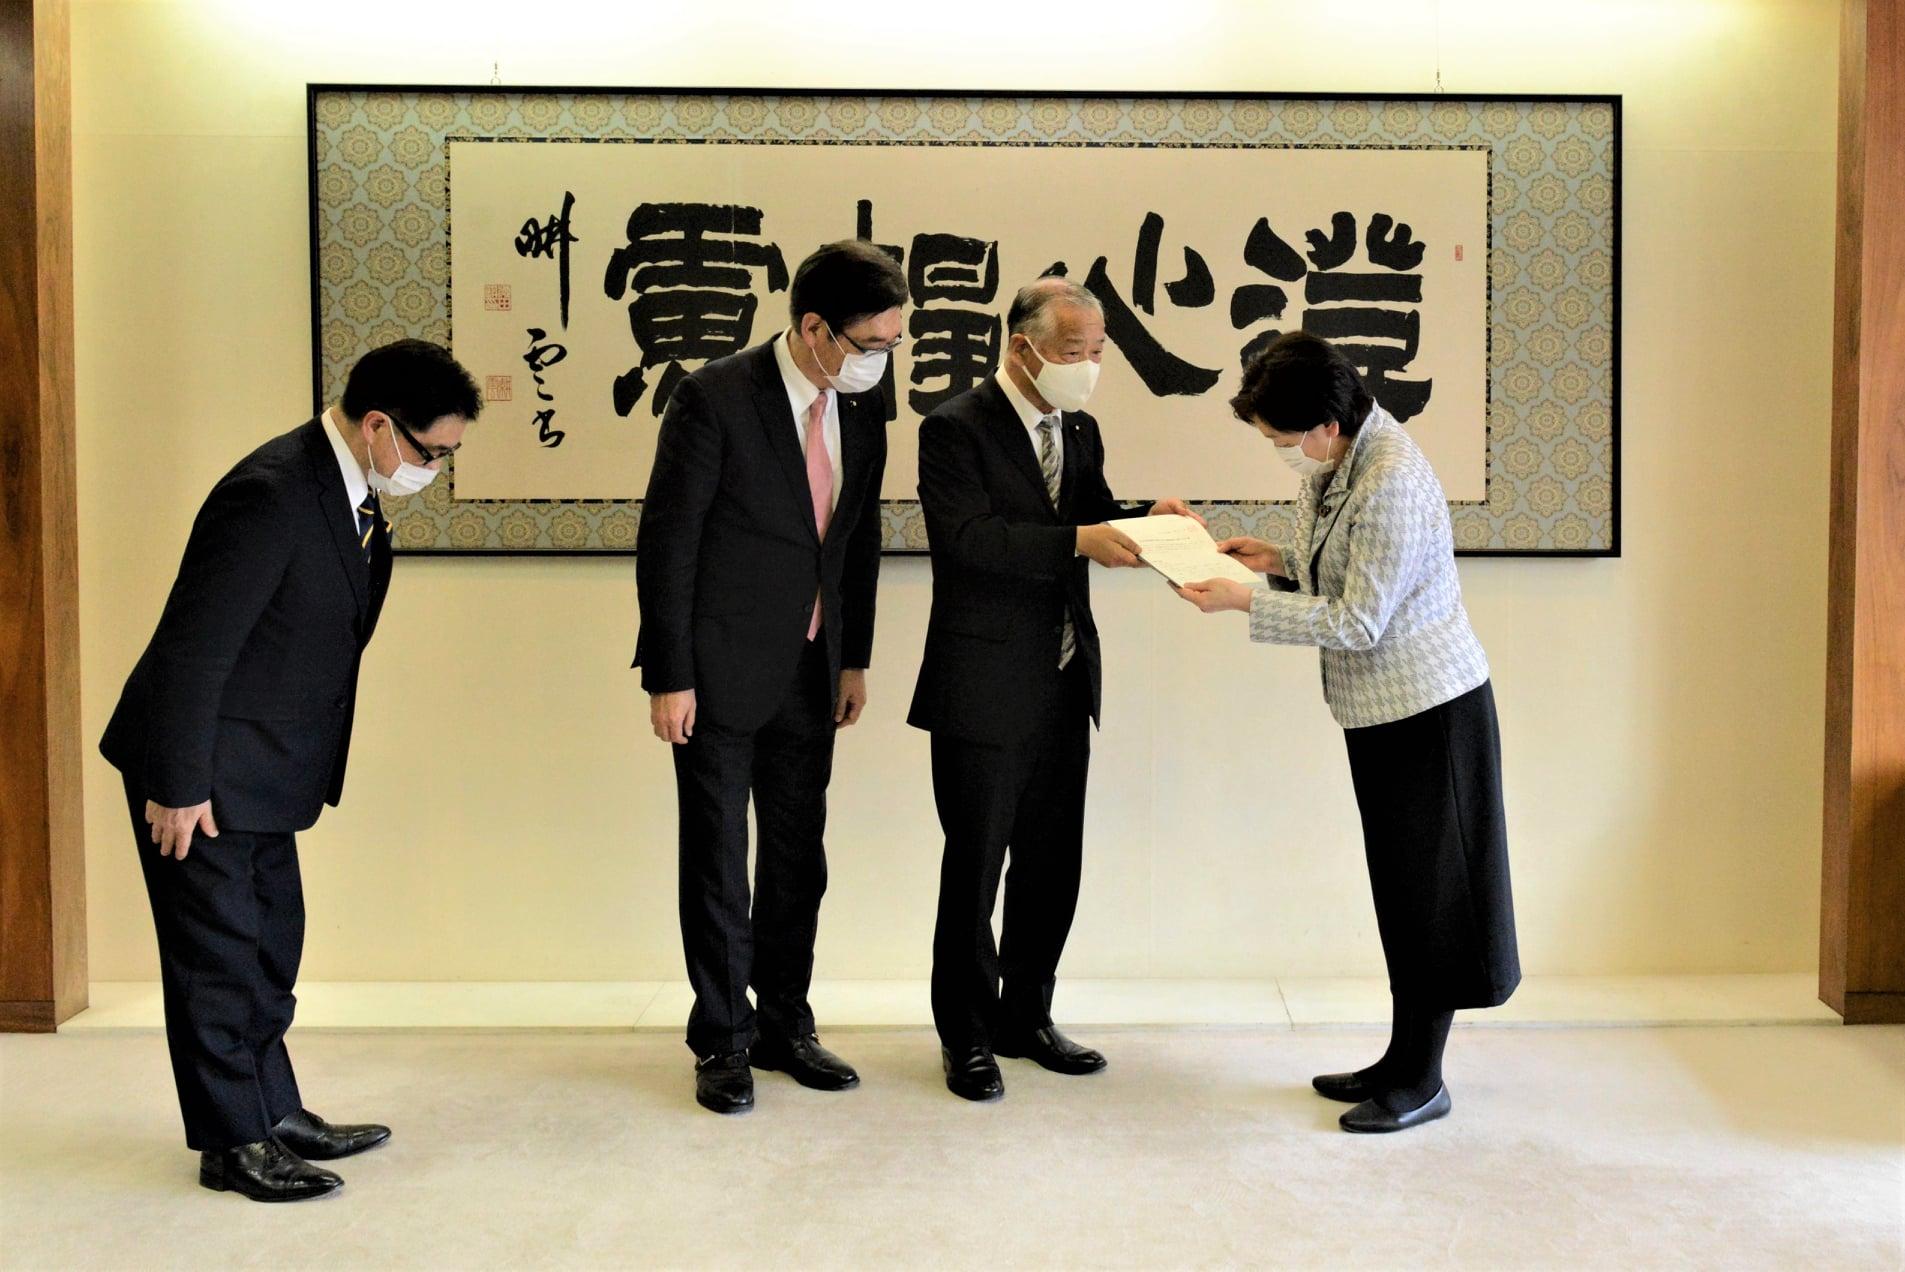 令和3年3月26日 仙台市役所本庁舎における議会機能に関し、市長に対し申し入れをおこないました。